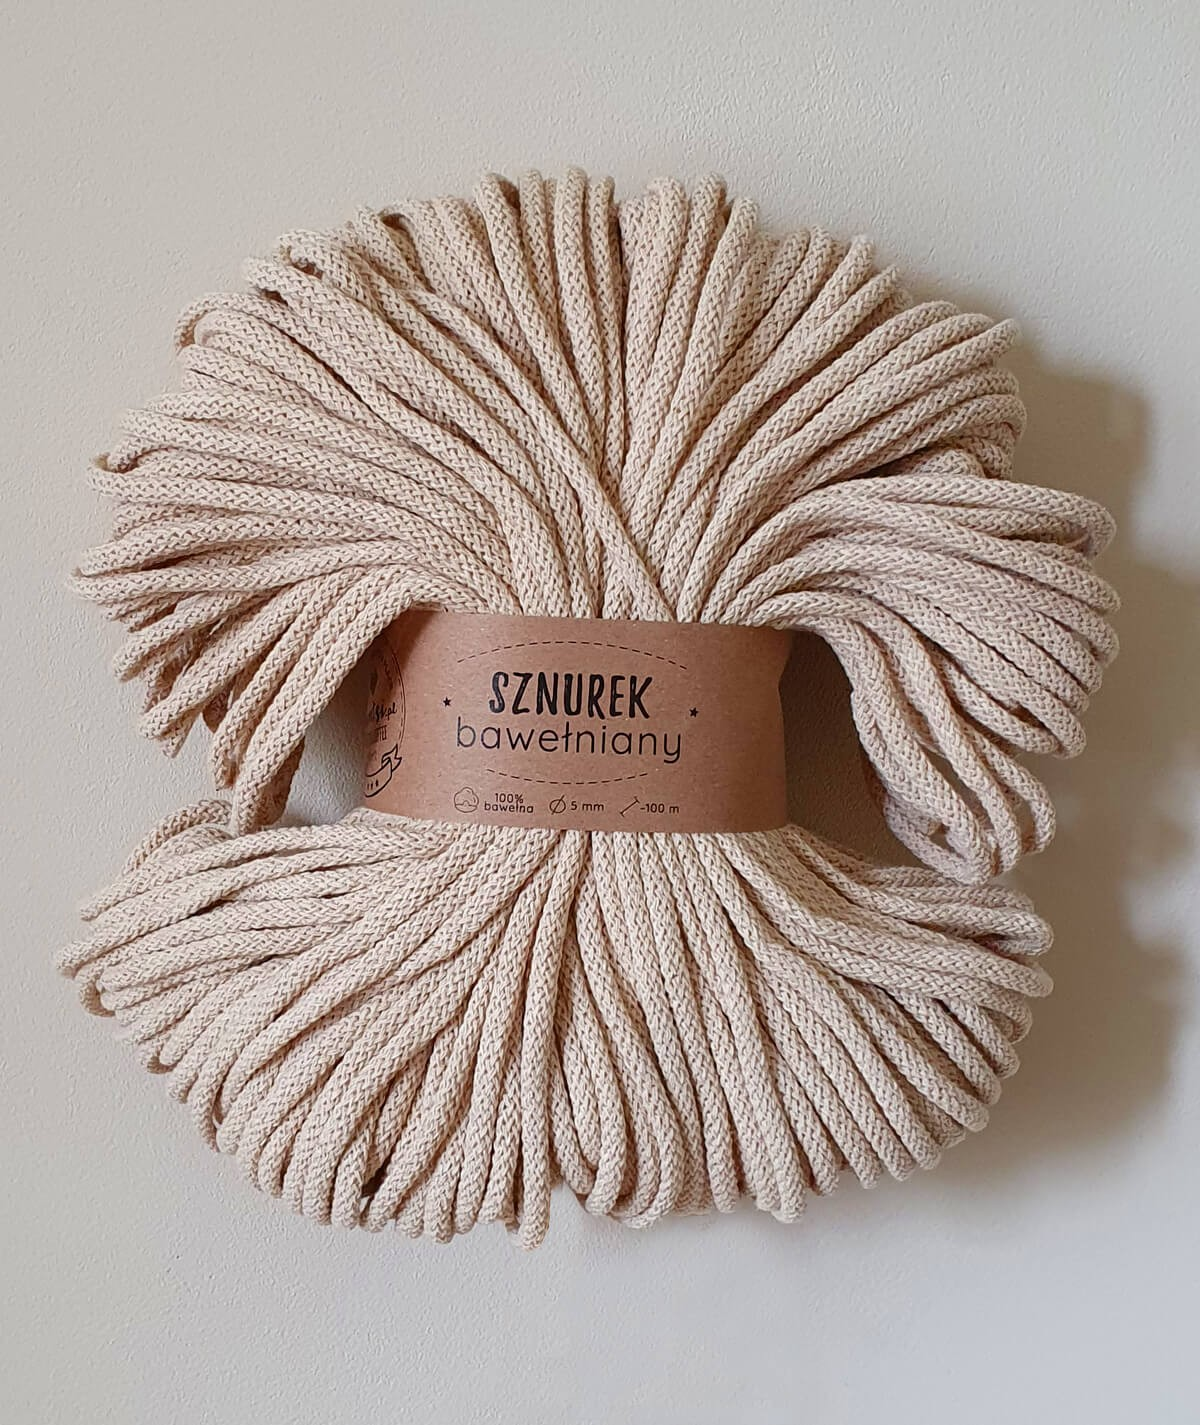 Sznurek bawełniany 5 mm naturalny do rękodzieła